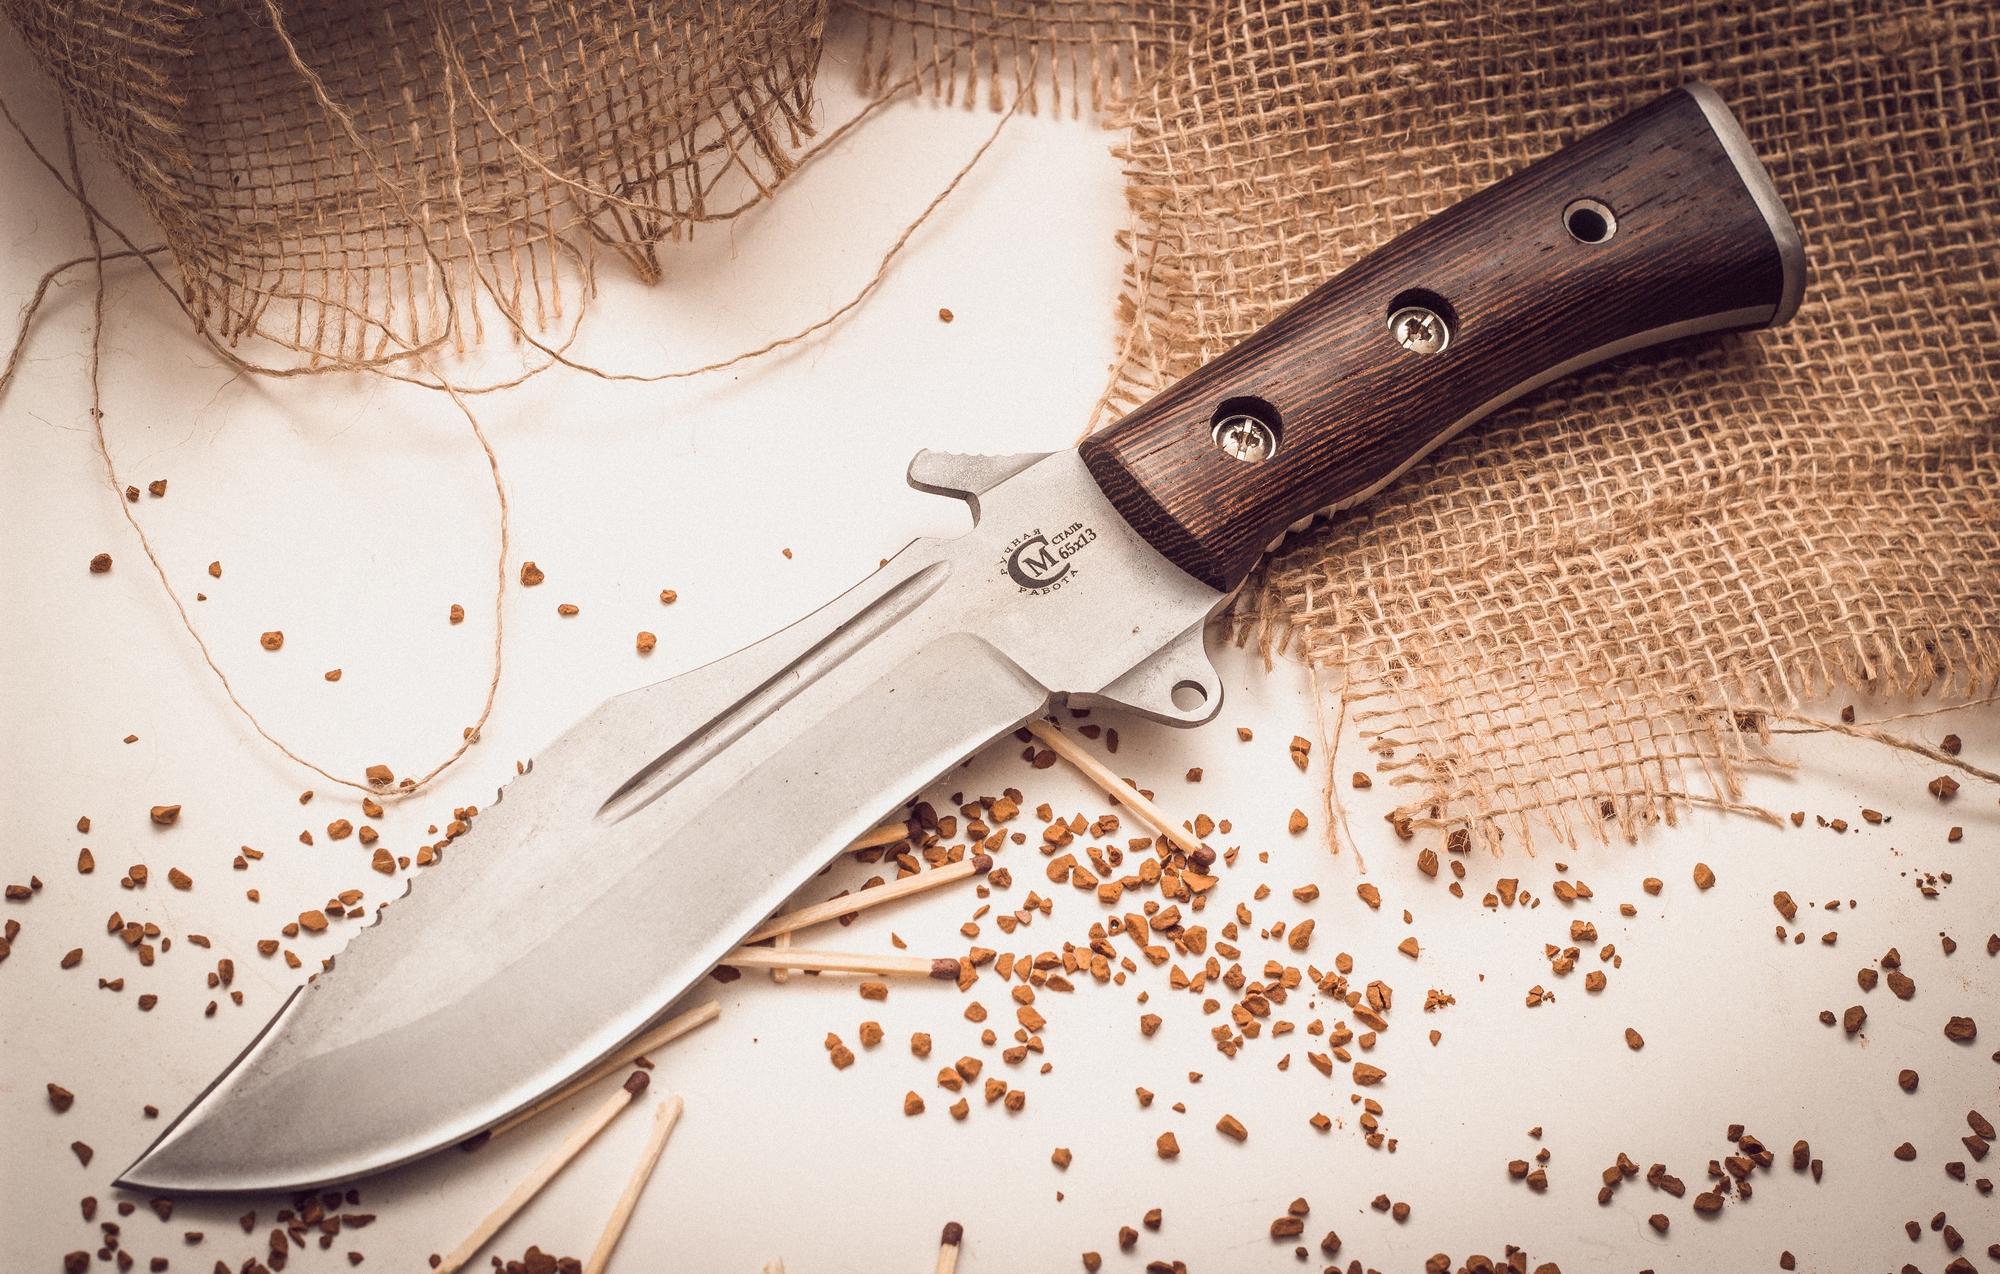 Купить ножи в москве в подарок